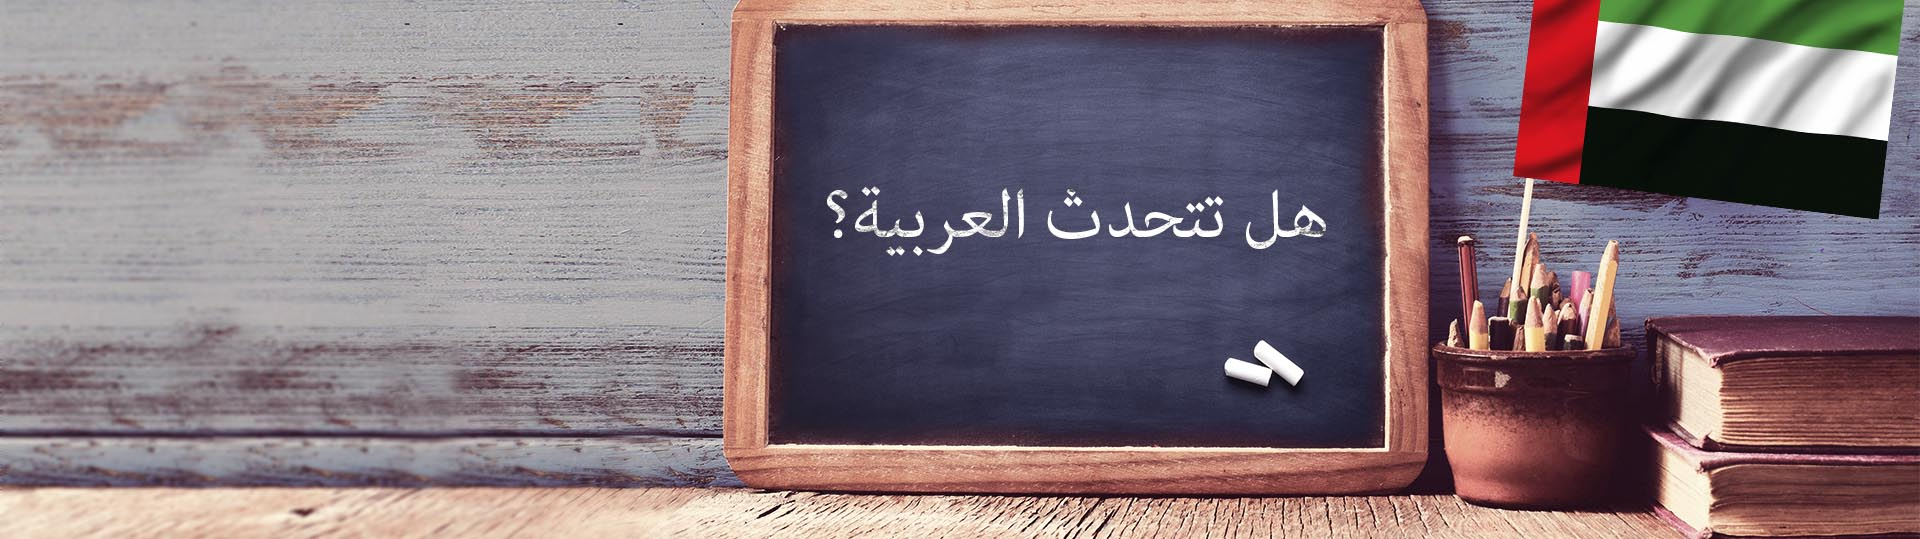 learn spoken and written arabic in Abu Dhabi UAE